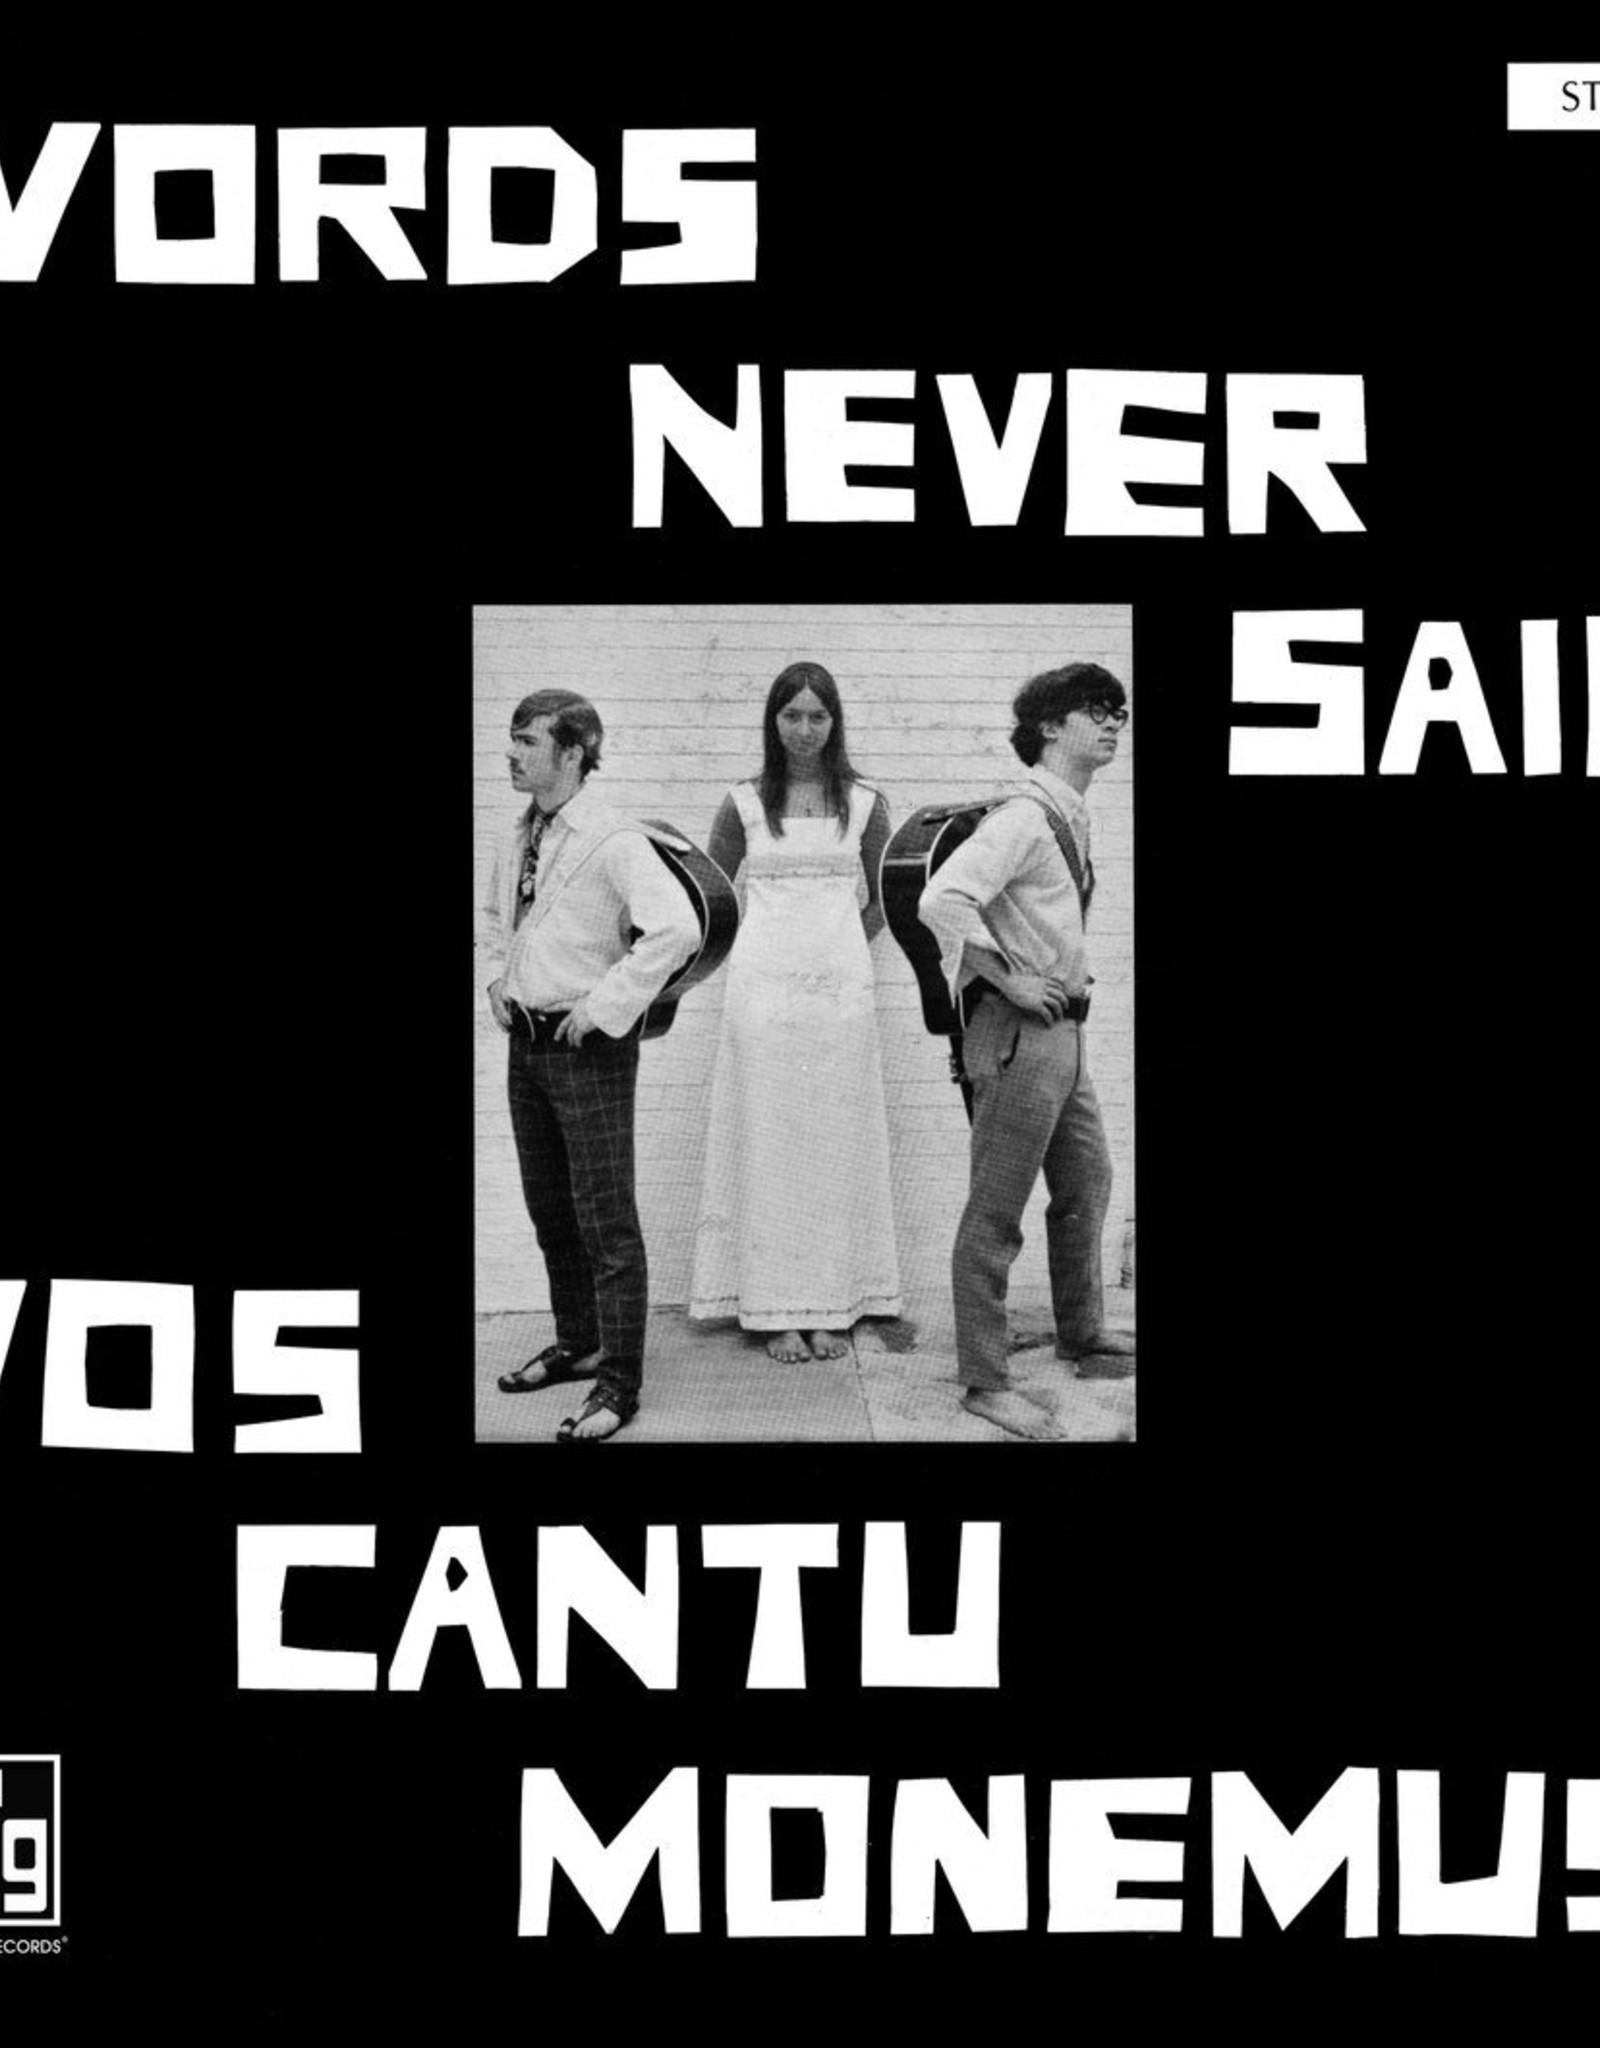 Vos Cantu Monemus - Words Never Said